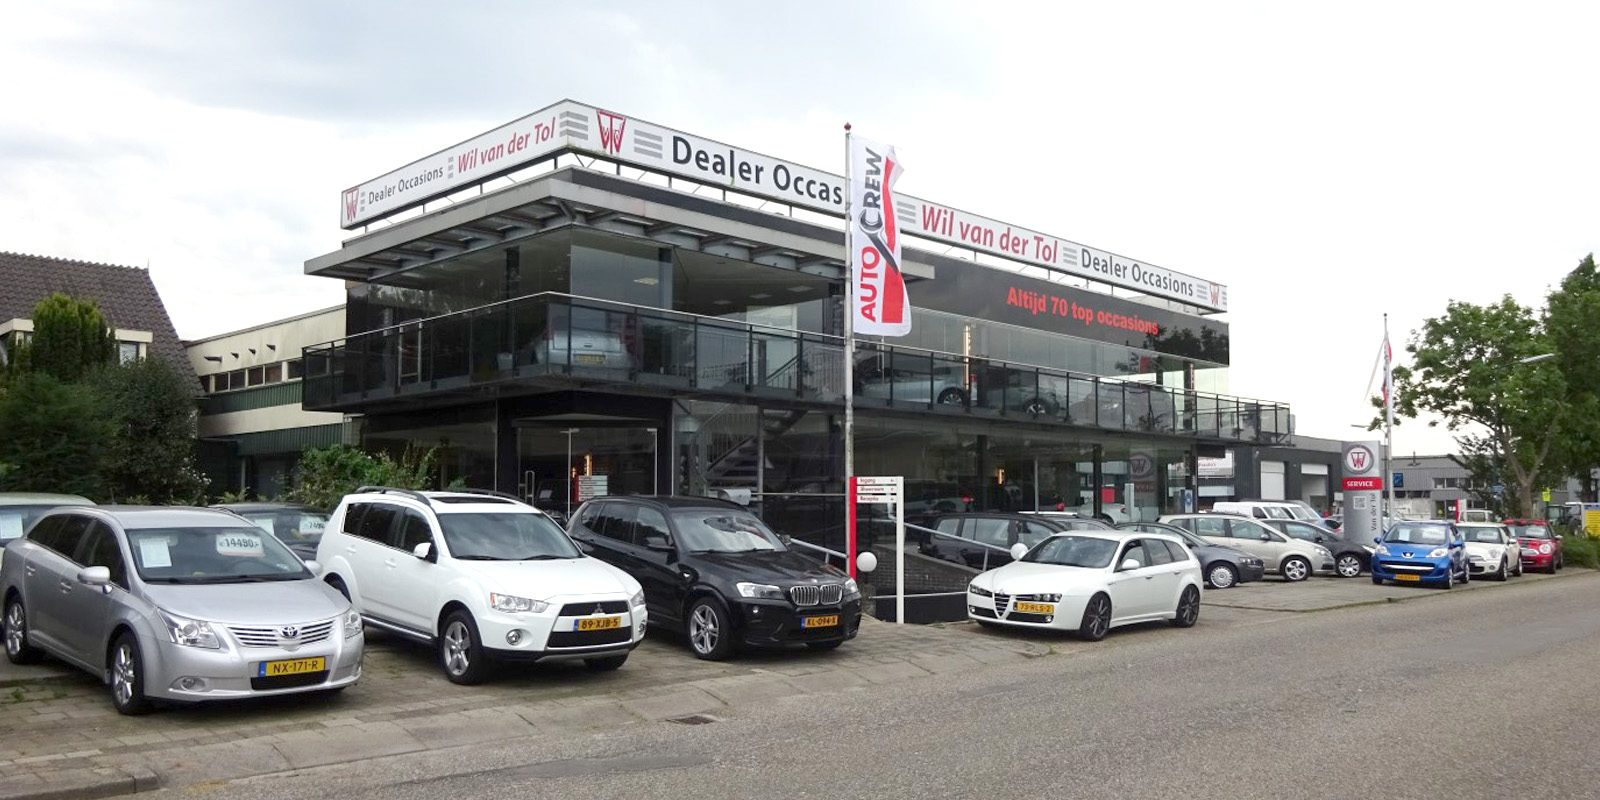 Autobedrijf Wil van der Tol